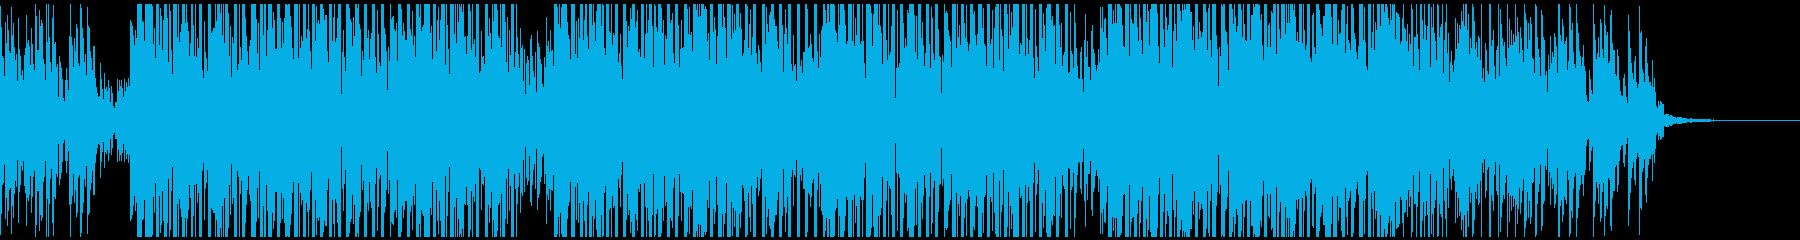 ゲーム・映像等に キュートなテクノポップの再生済みの波形